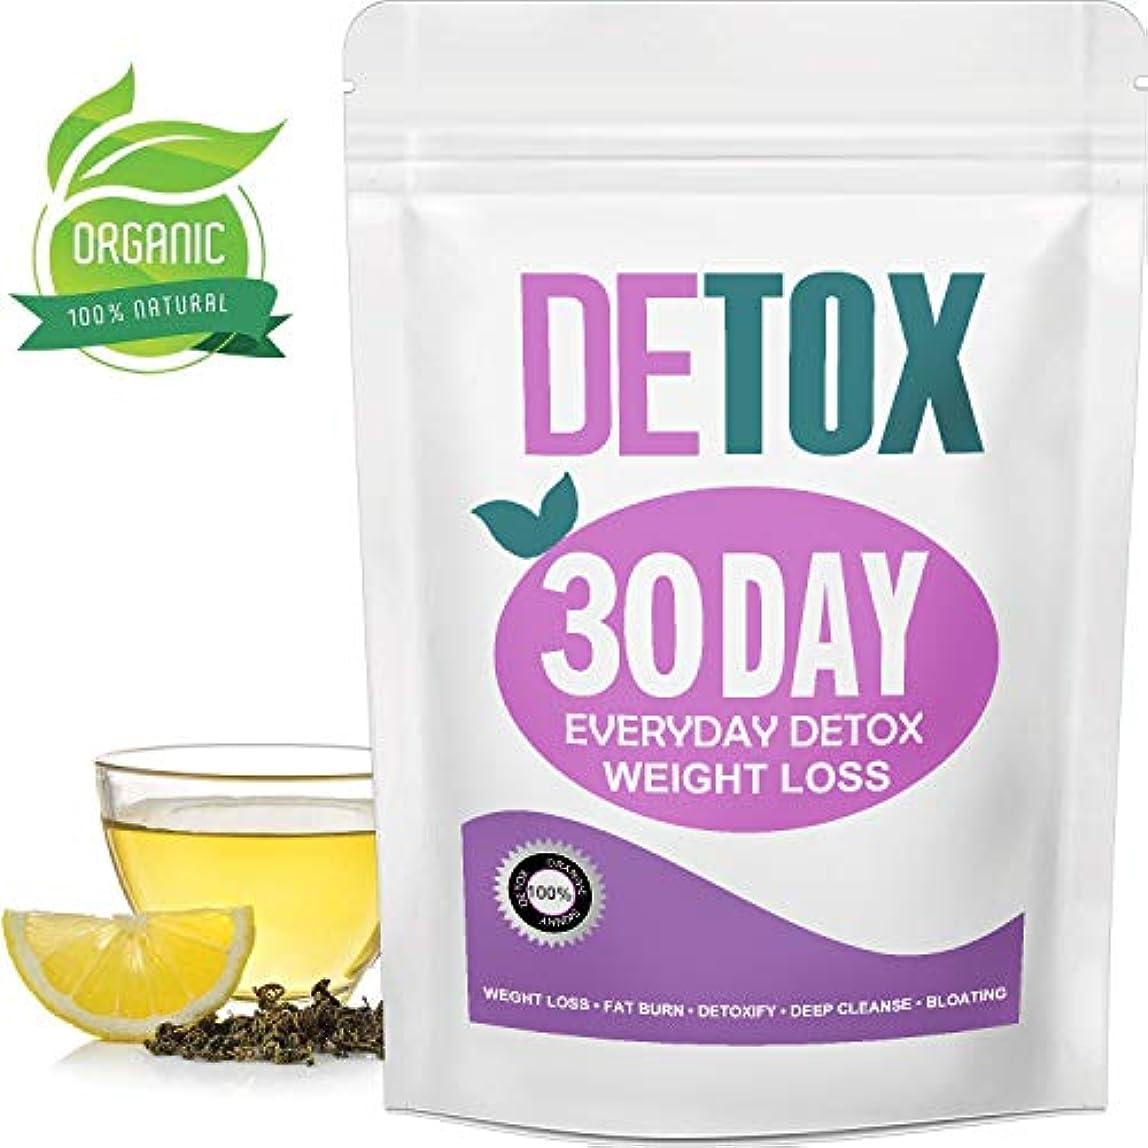 長さ担保最も遠い痩身茶 ハーブティー 天然ダイエット飲料 痩身コンディショニング茶 (30日)